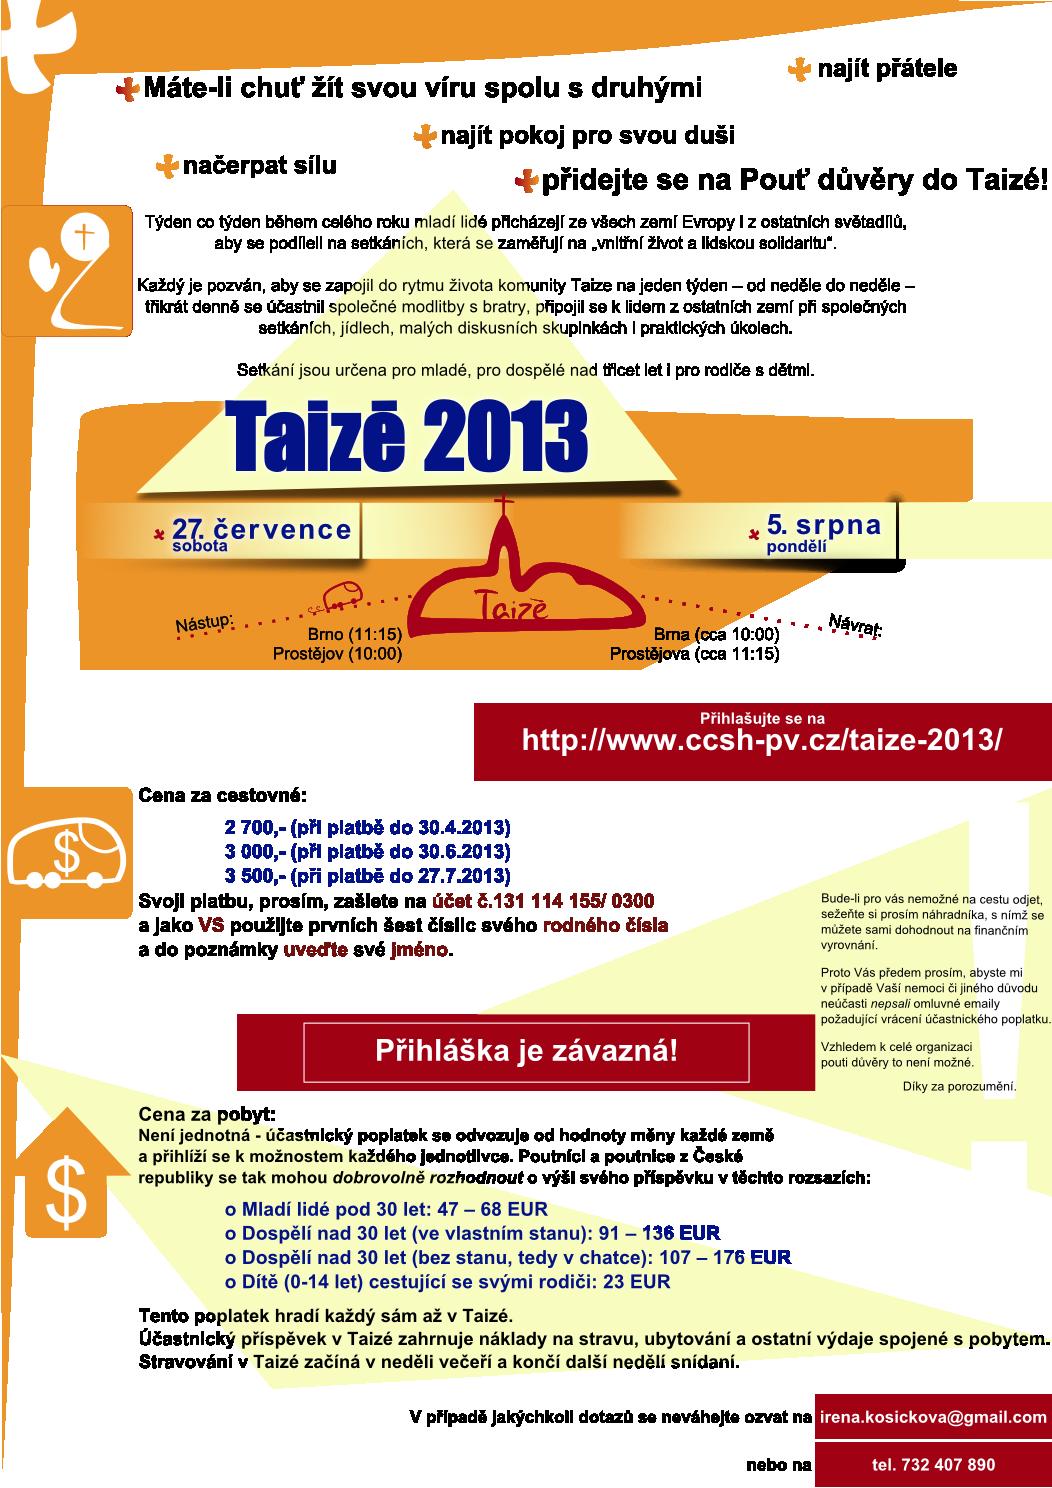 plakát Taize 2013